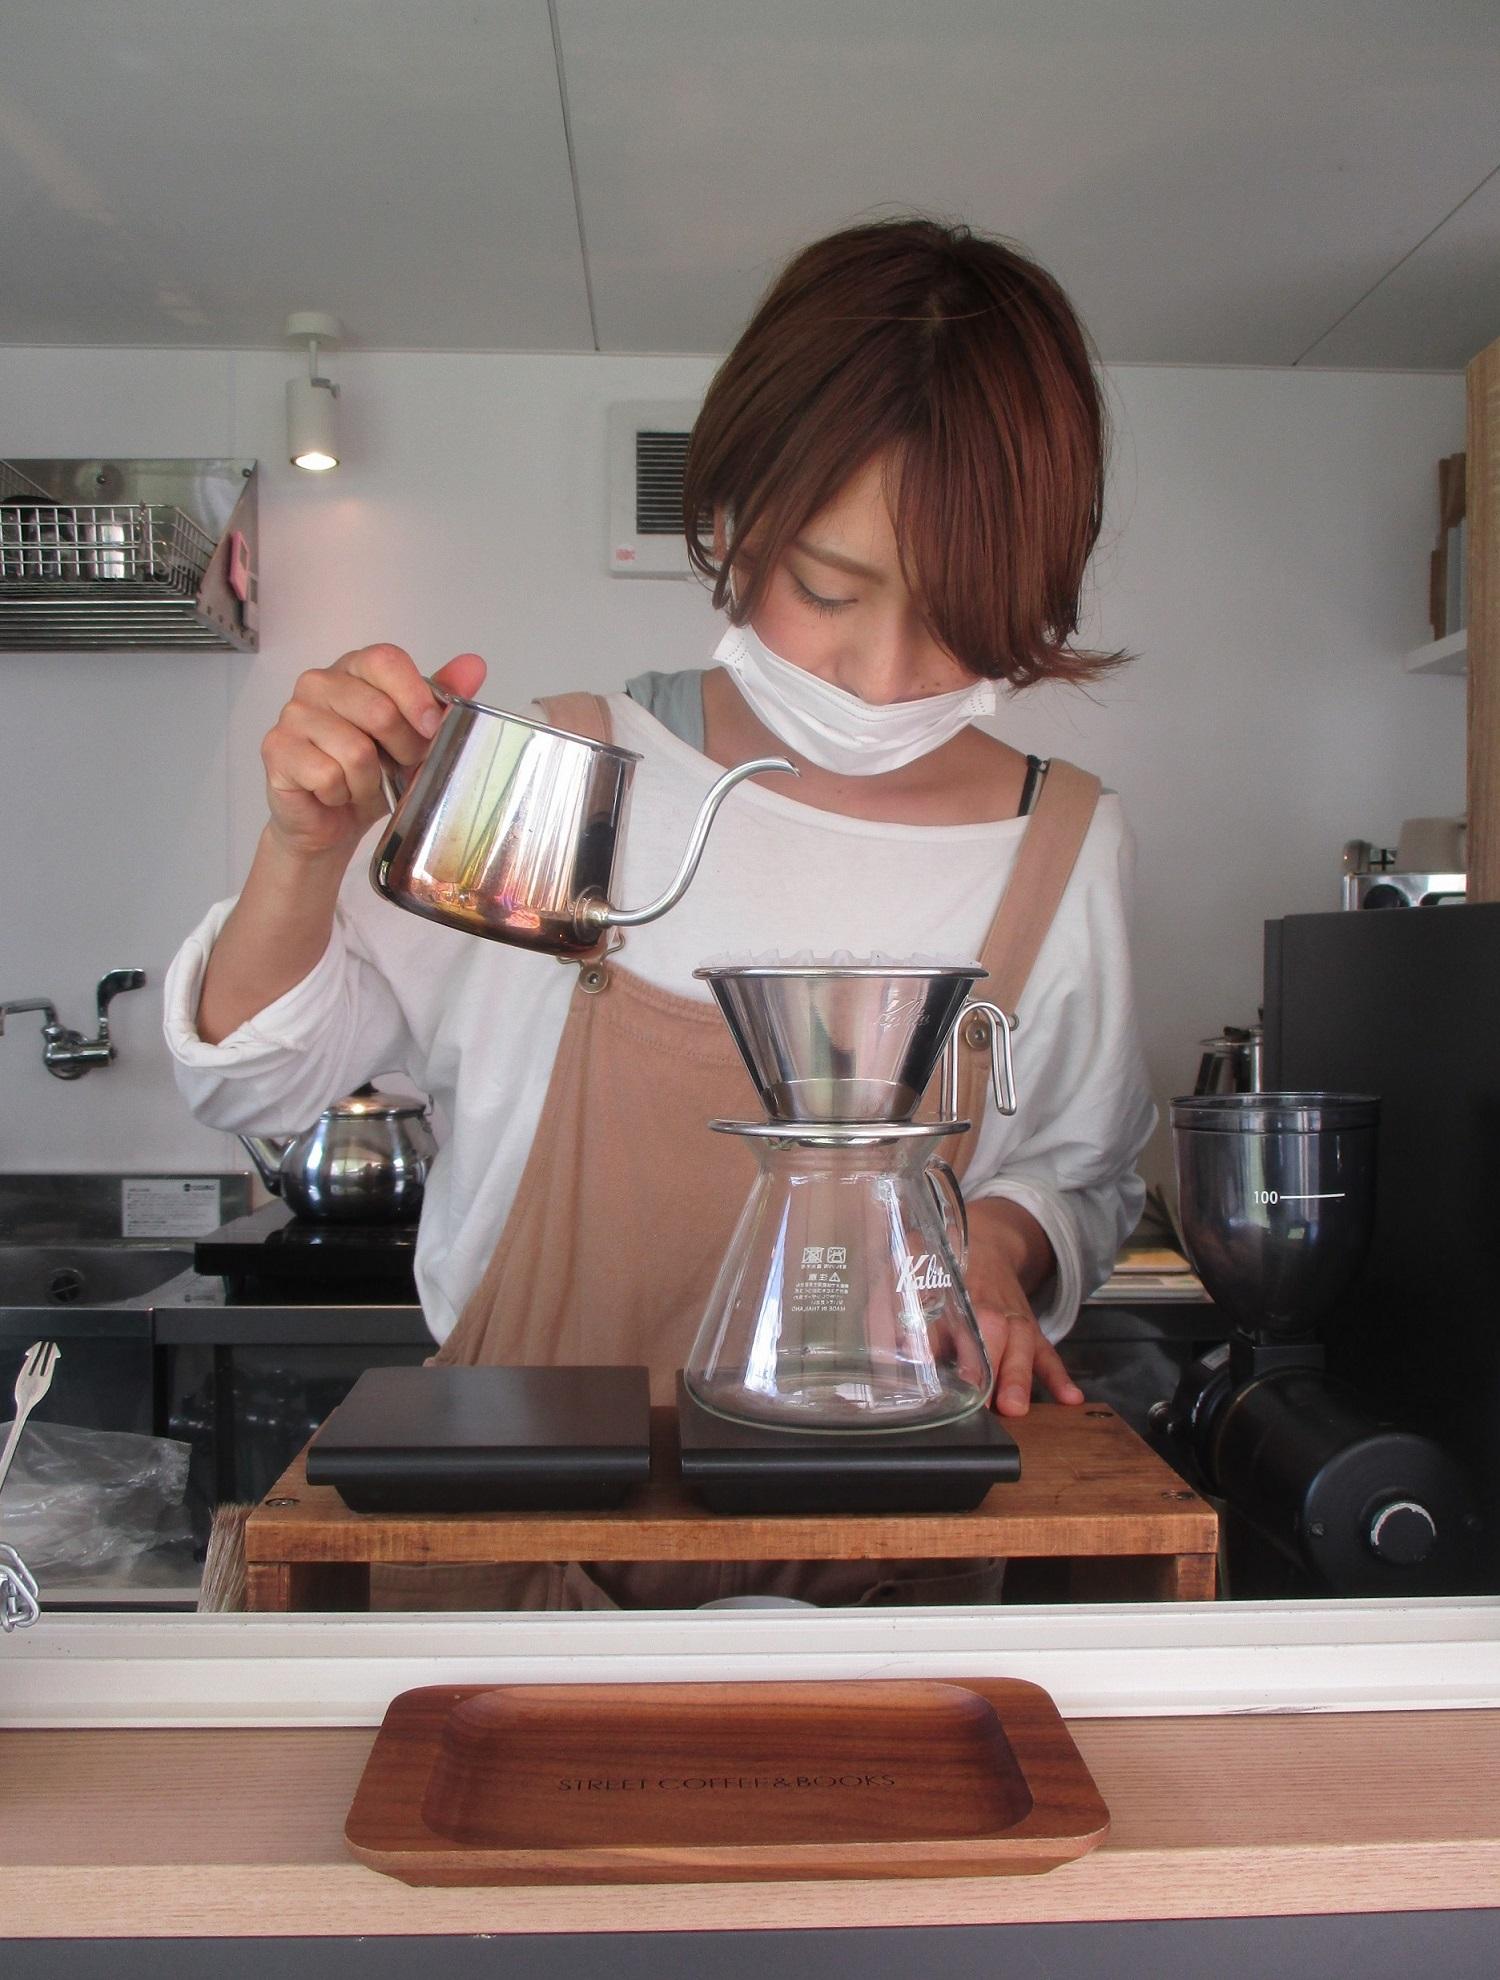 2020.5.27 (29) 豊田市 - ストリートコーヒーアンドブックス 1500-1980